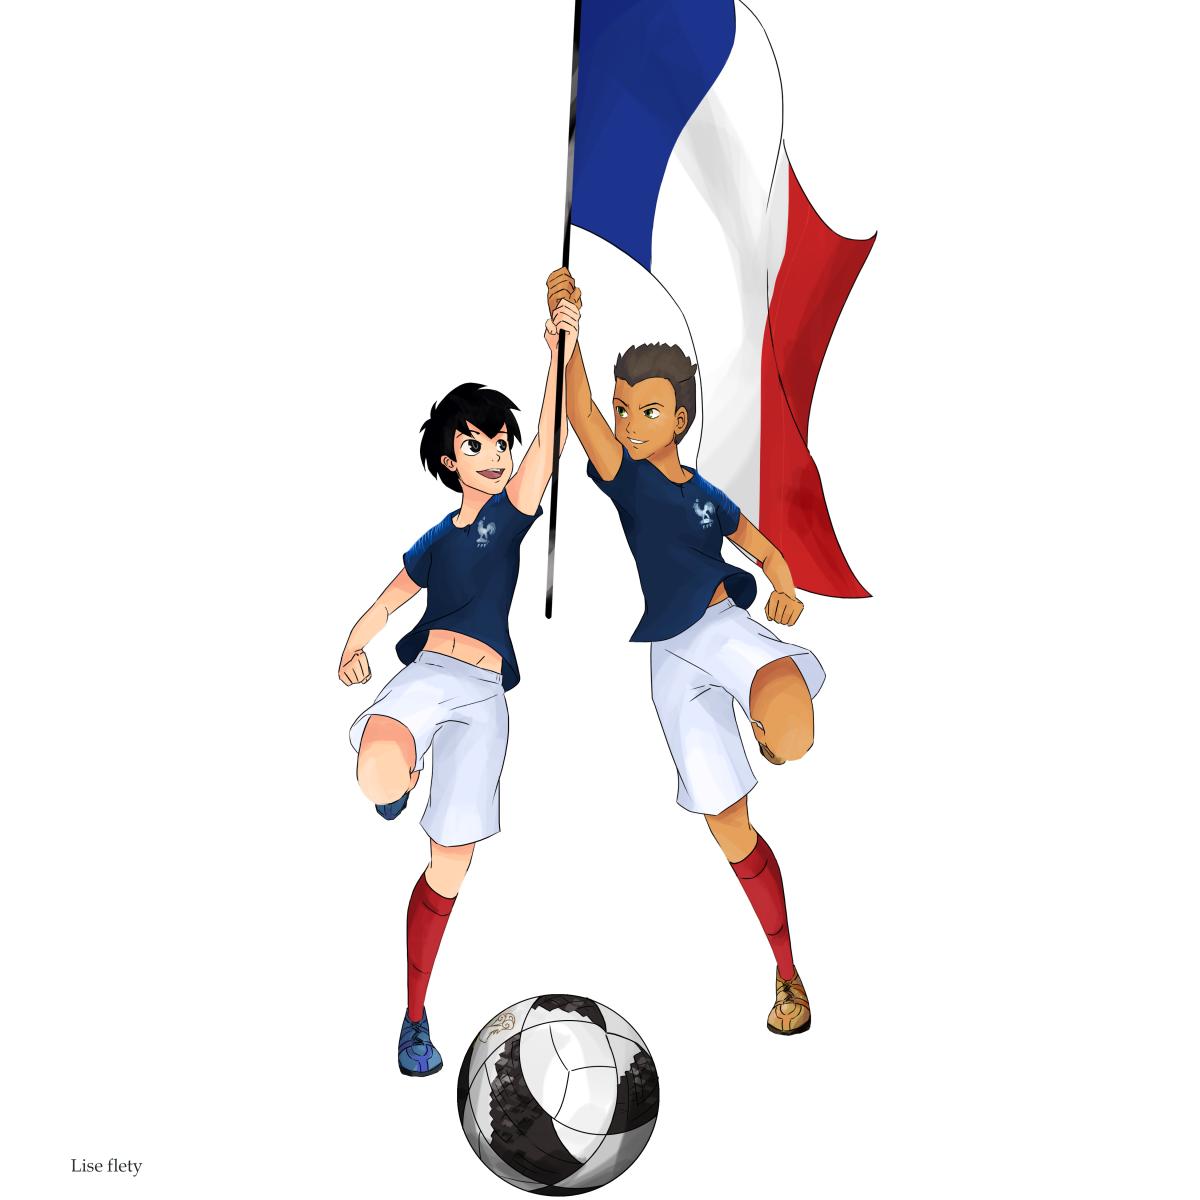 Hugo et Majid en équipe de France ? C'est une idée !